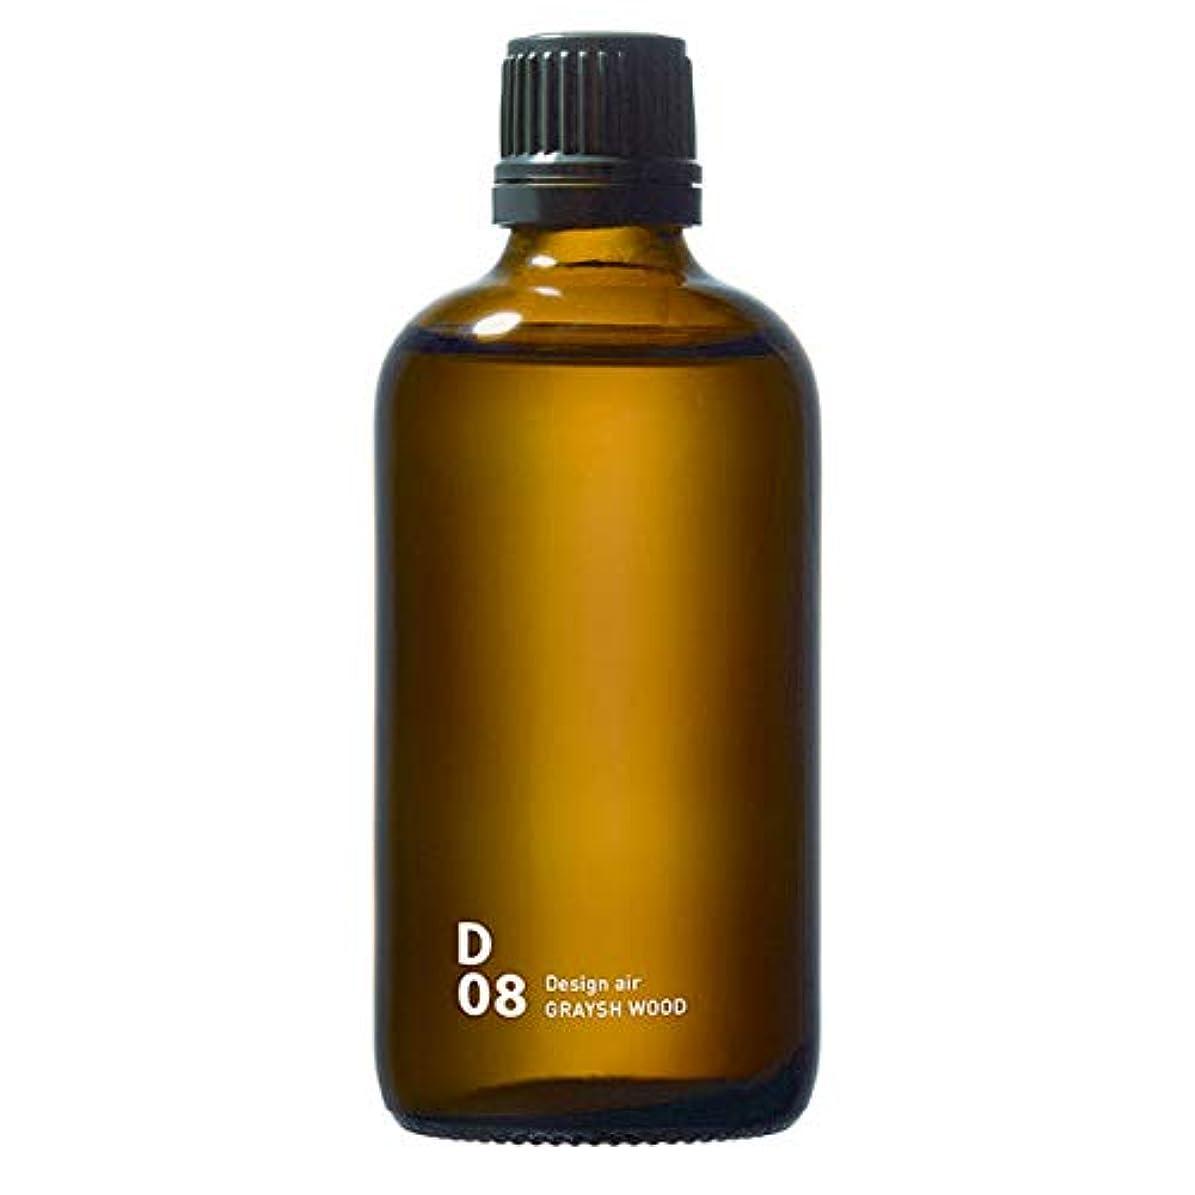 D08 GRAYISH WOOD piezo aroma oil 100ml